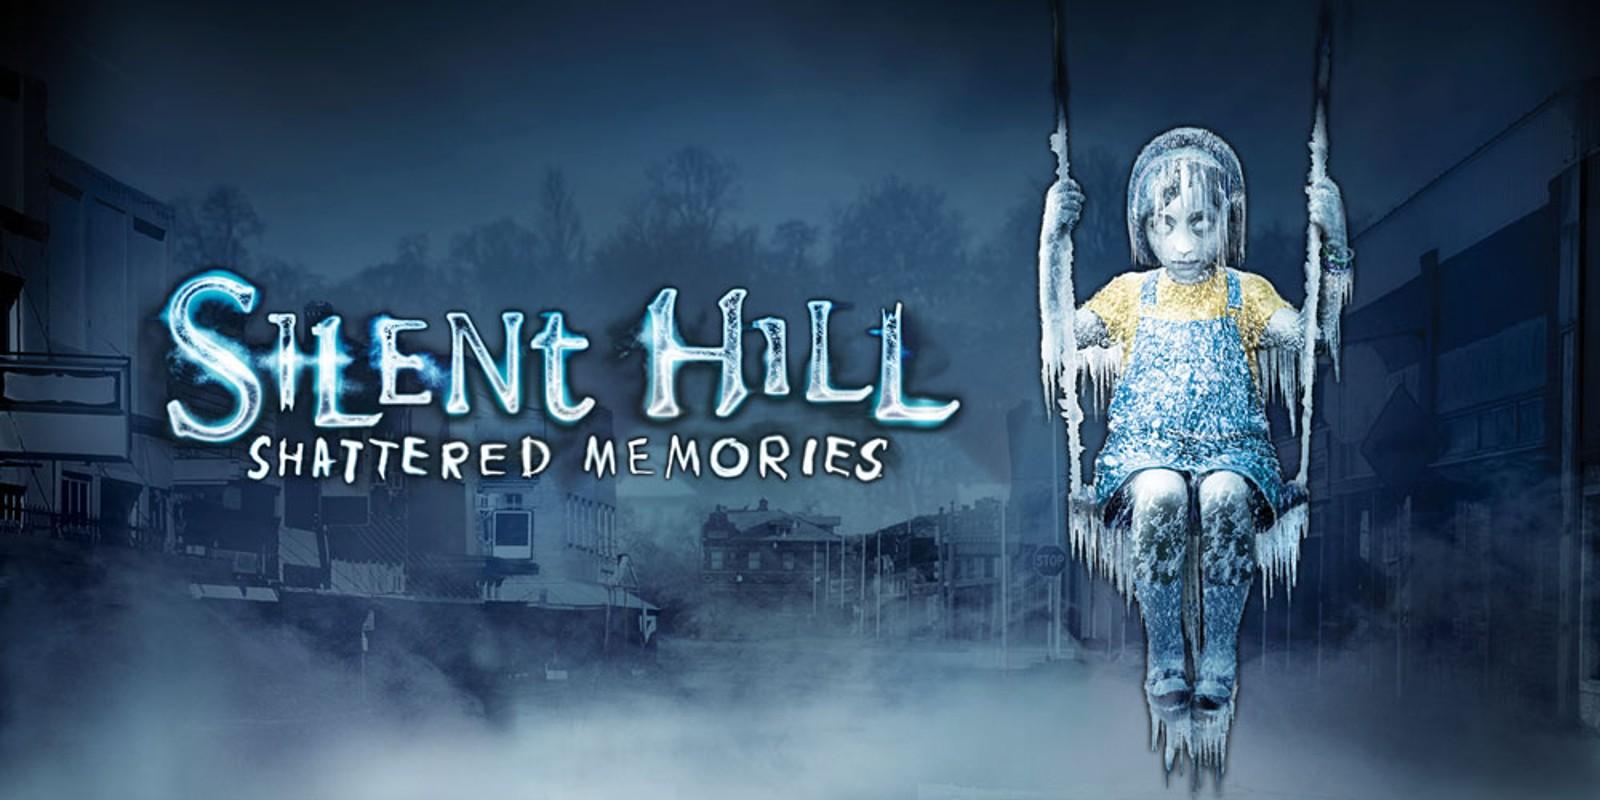 Fire Car Wallpaper Hd Silent Hill Shattered Memories Wii Games Nintendo